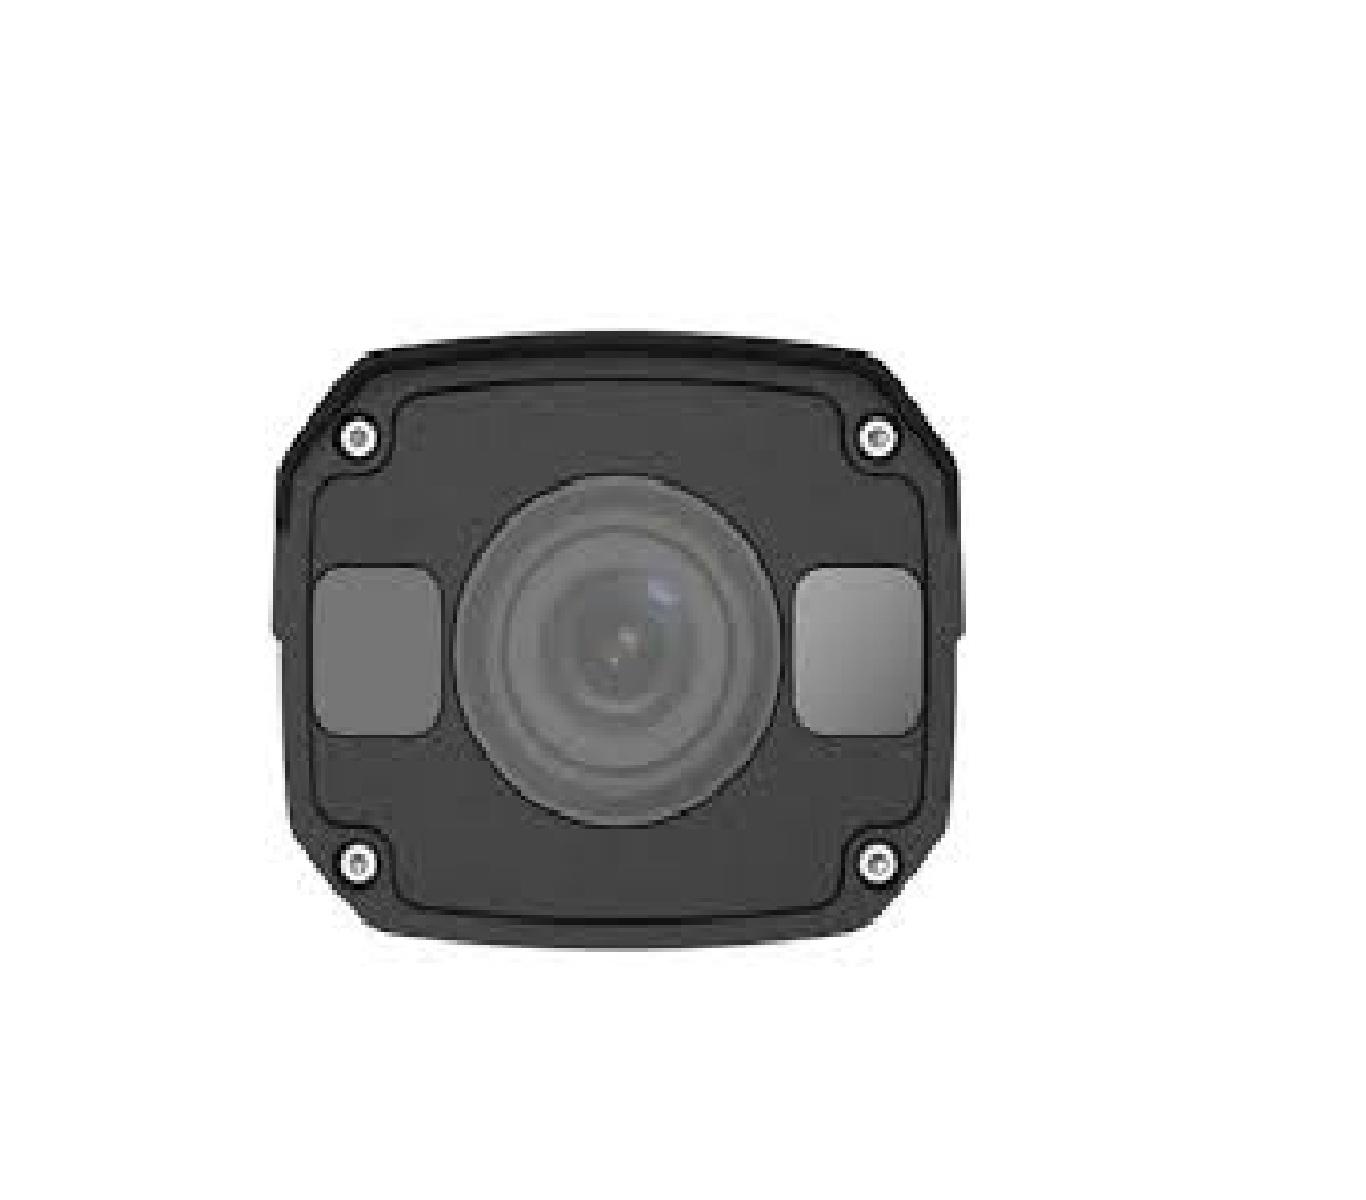 Camera IP thân hồng ngoại IPC2122SR3-UPF40-C